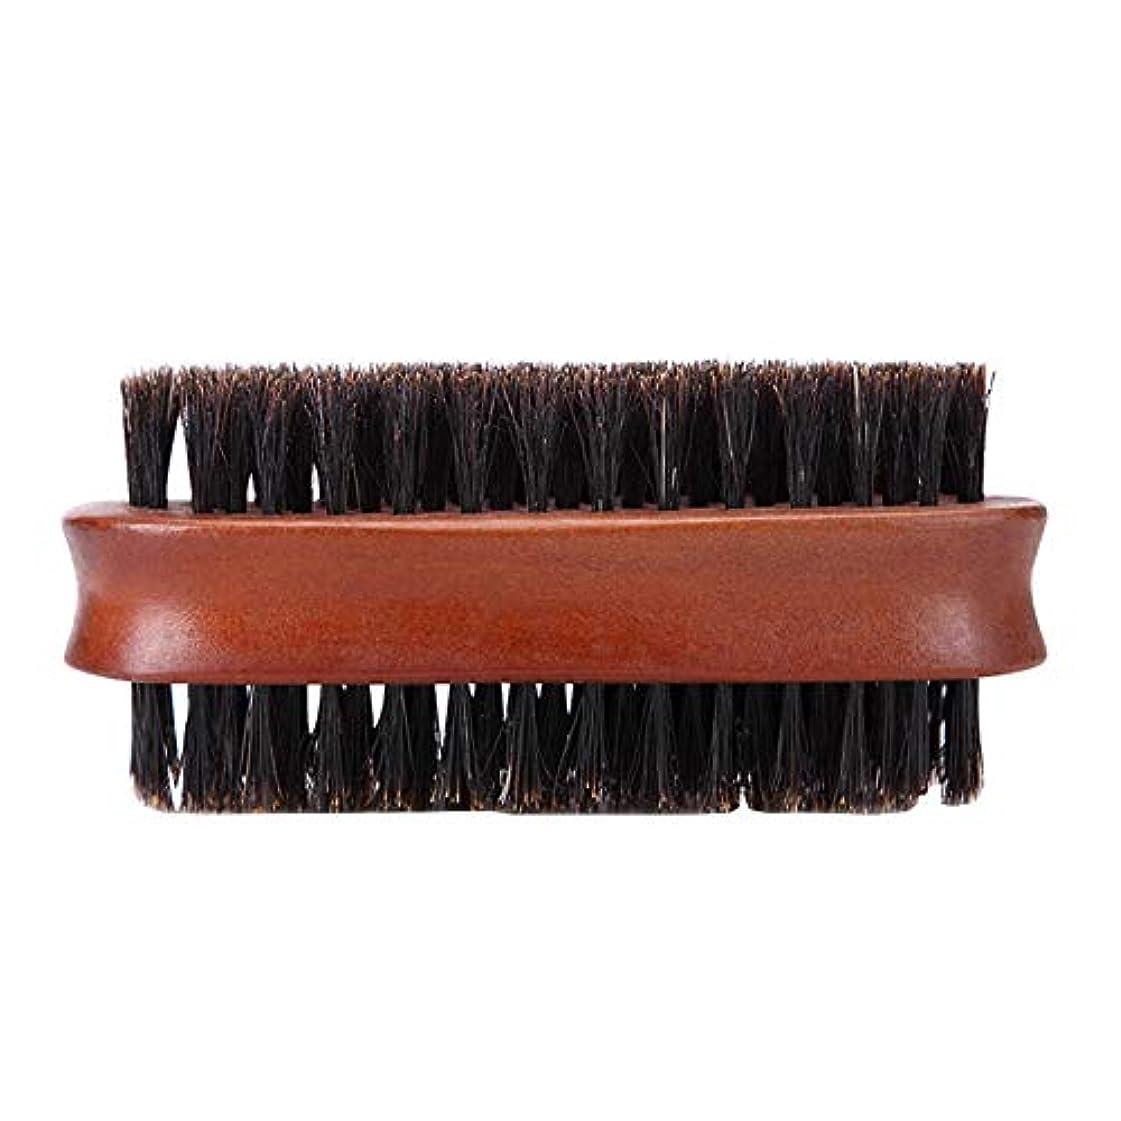 損なうフルーツ普通のメンズシェービングブラシ木製ブラシ髭ひげのスタイリング二国間のシェービング用品